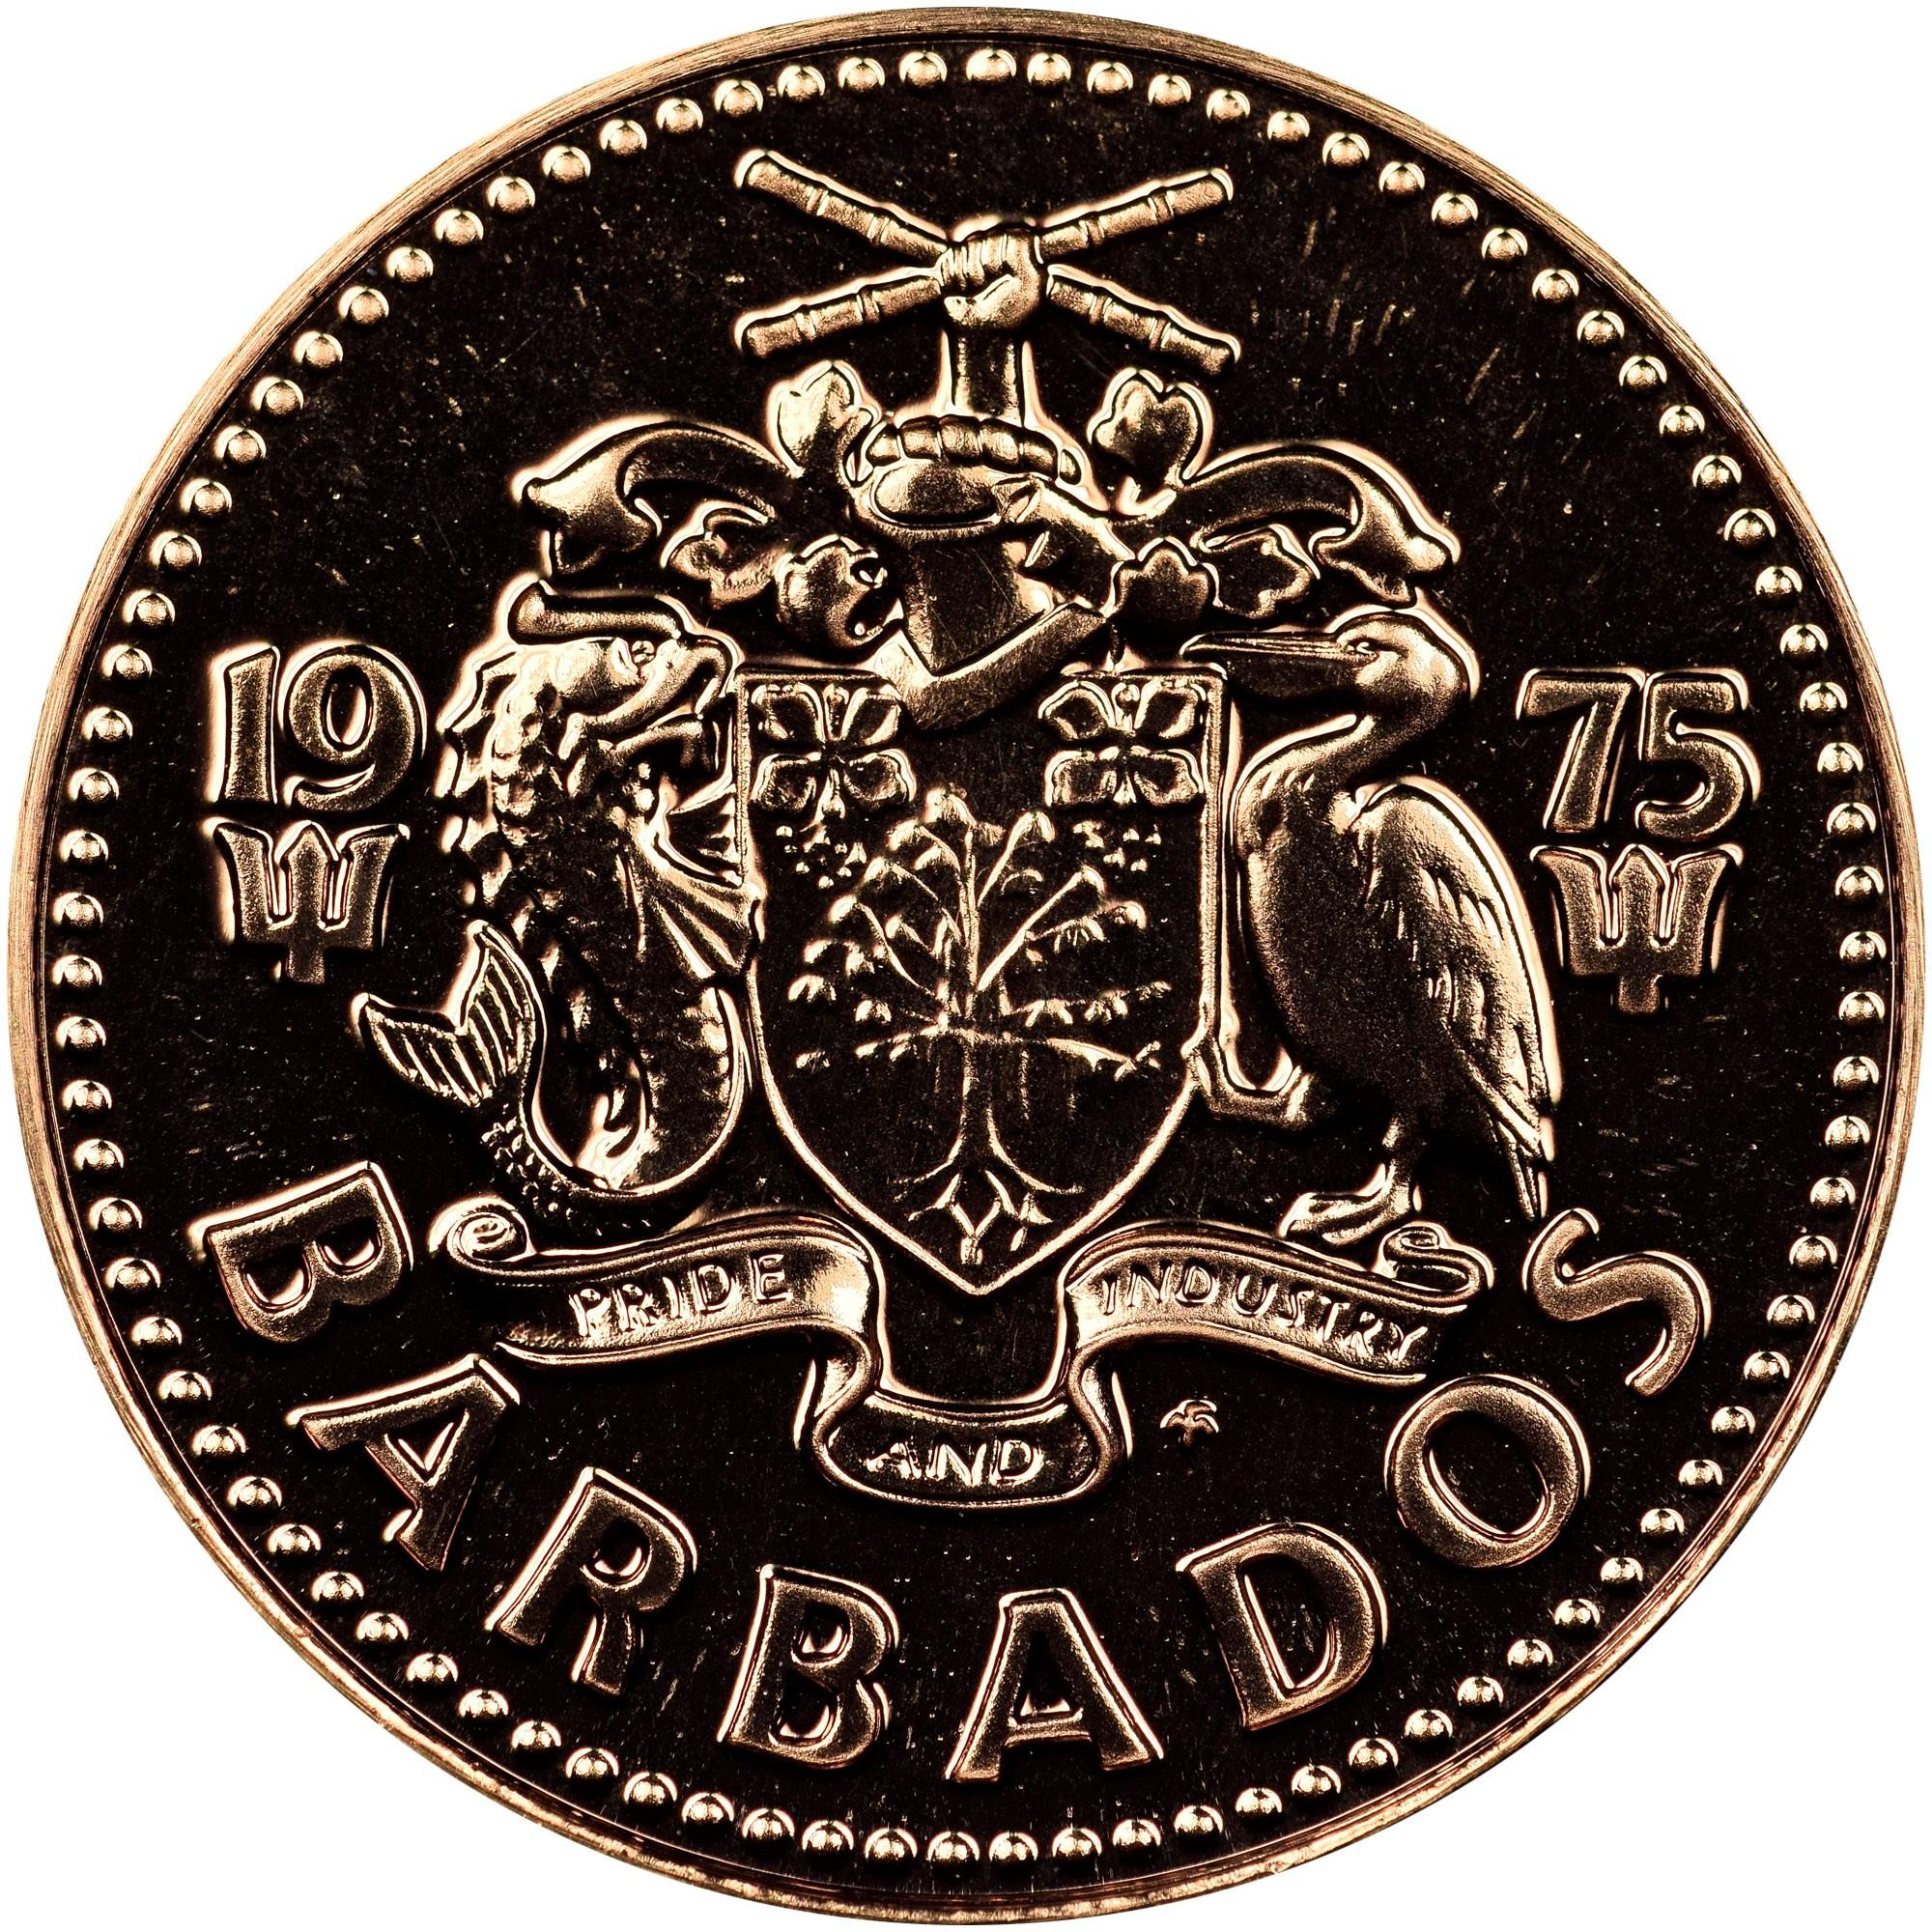 Barbados Cent obverse